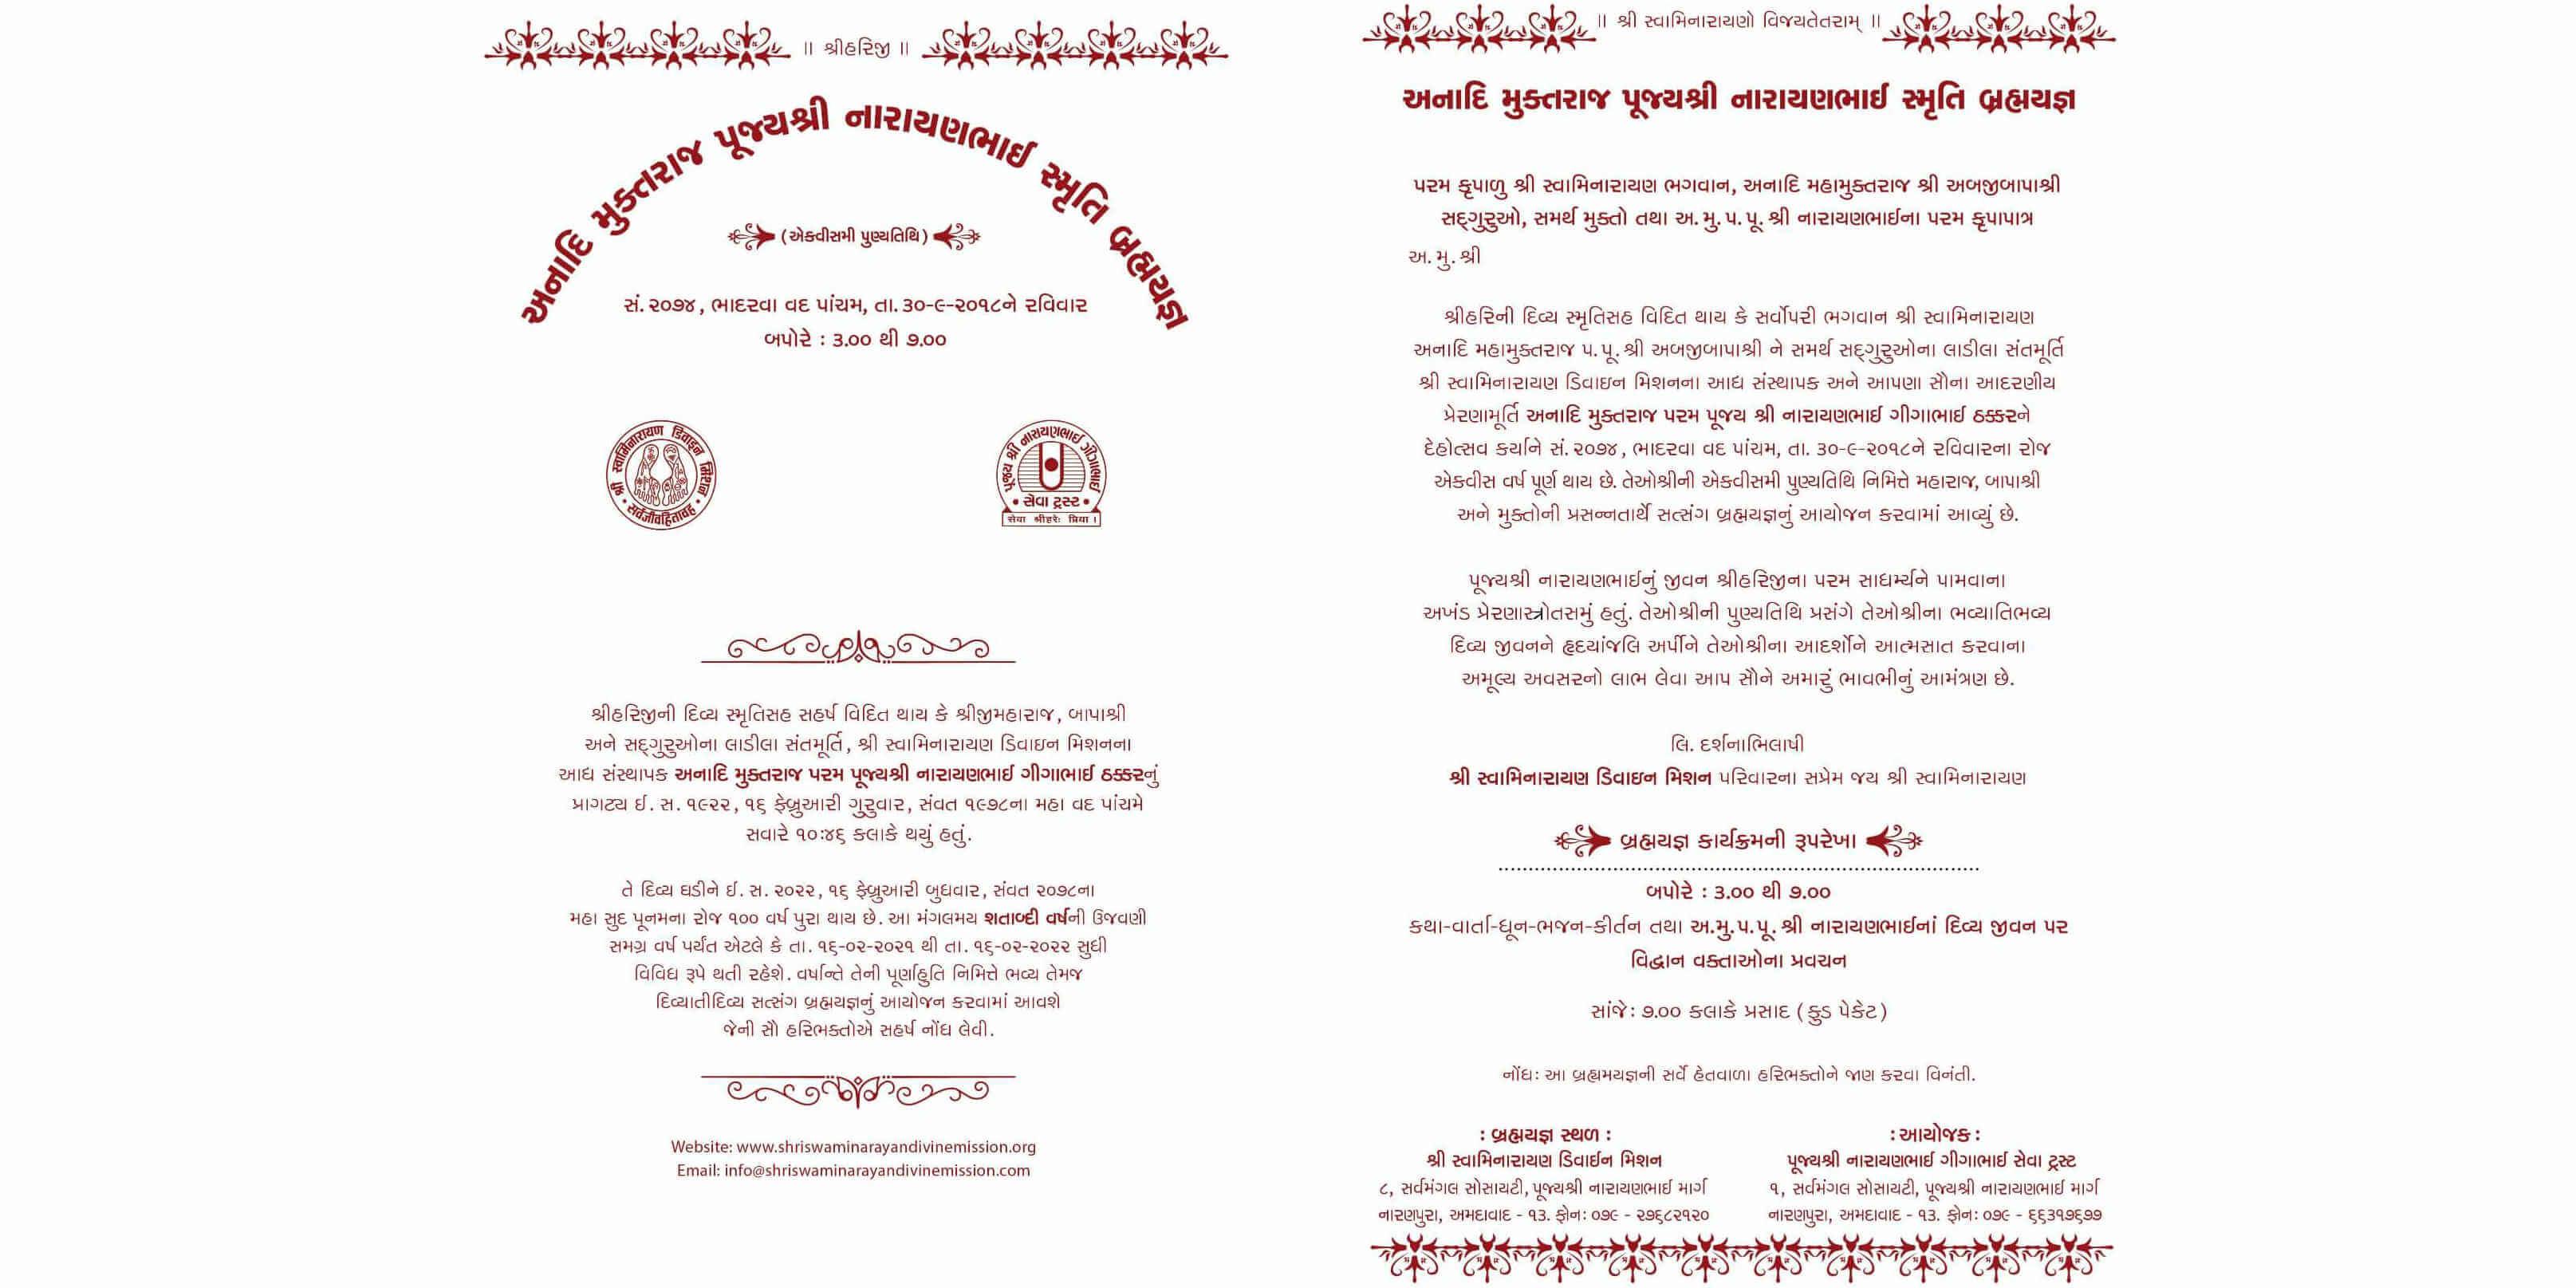 Pujyashri Narayanbhai Smruti Brahmyagna Dt: 30/09/2018